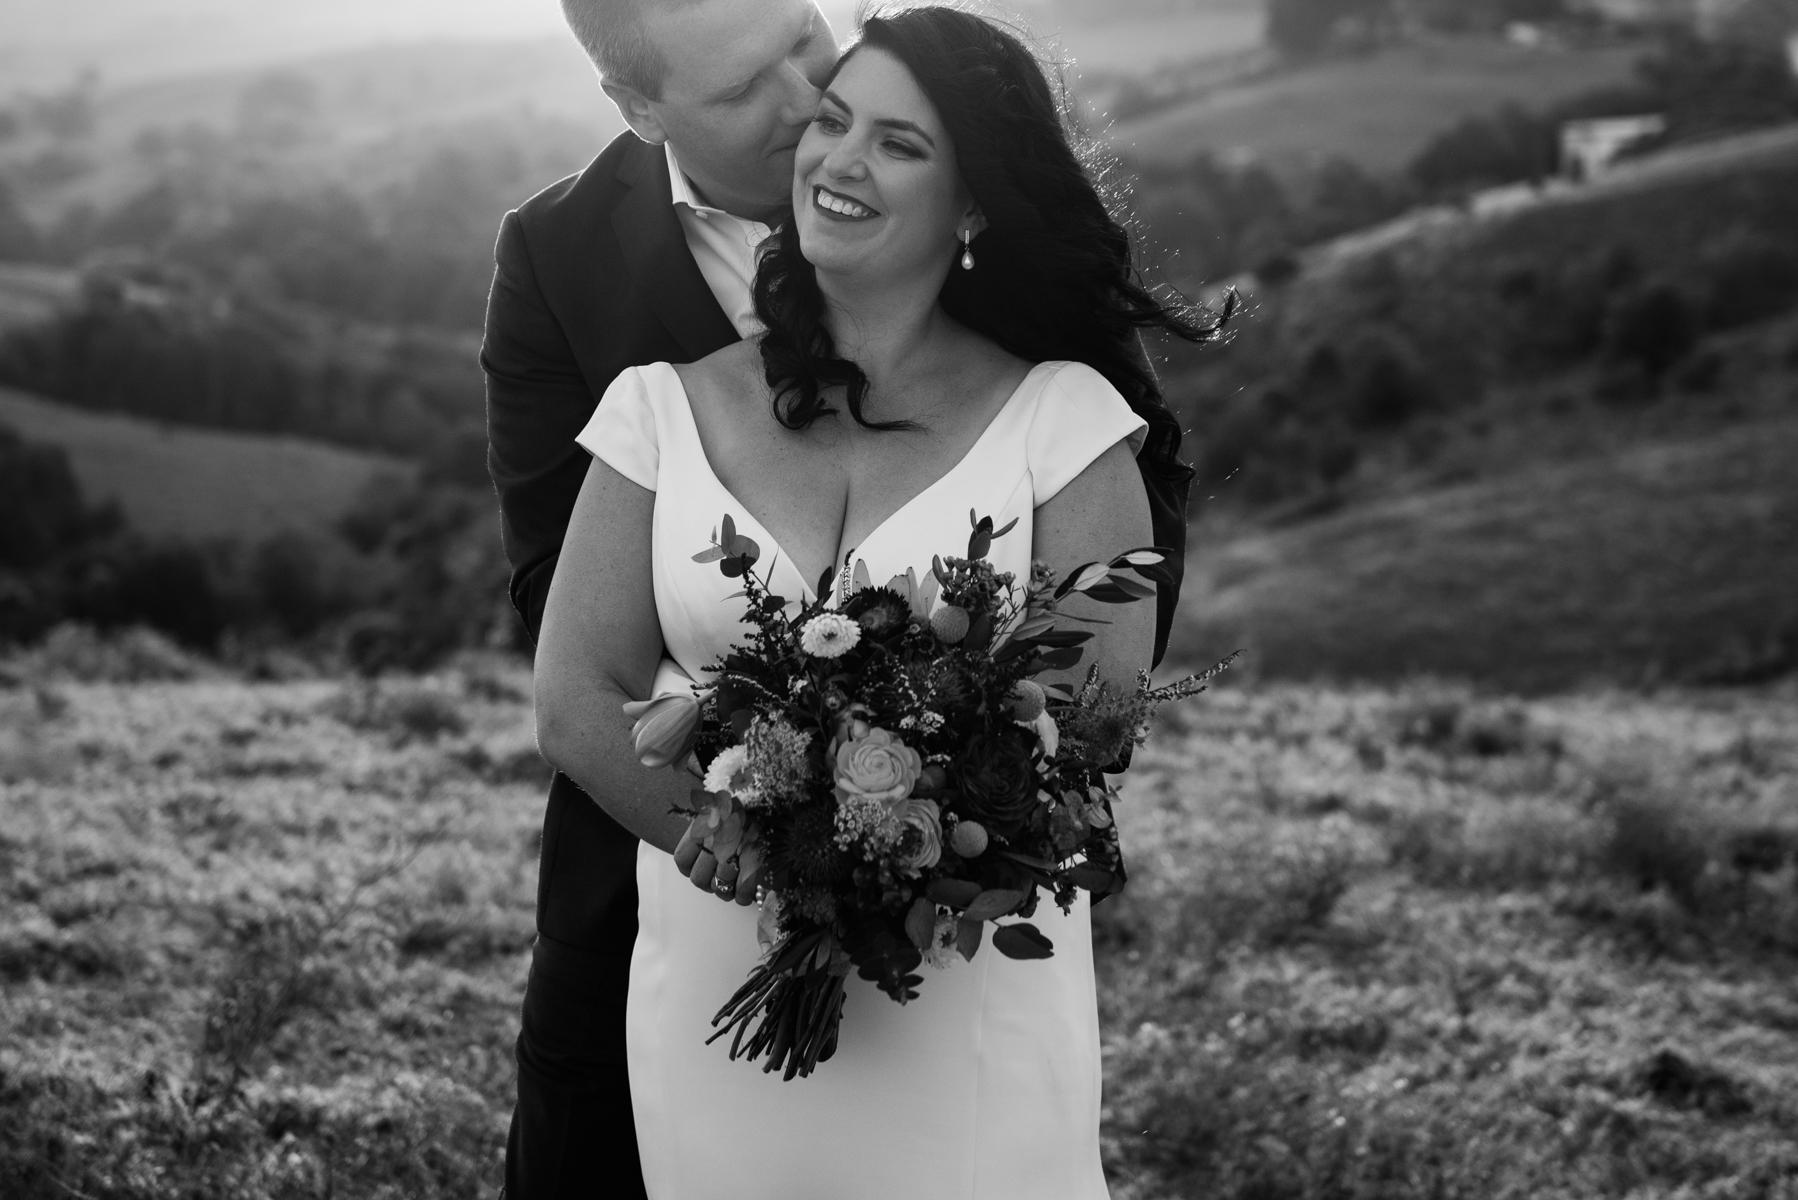 sarahandBenwedding- skyla sage photography weddings, families, byron bay,tweed coast,kingscliff,cabarita,gold coast-865.jpg